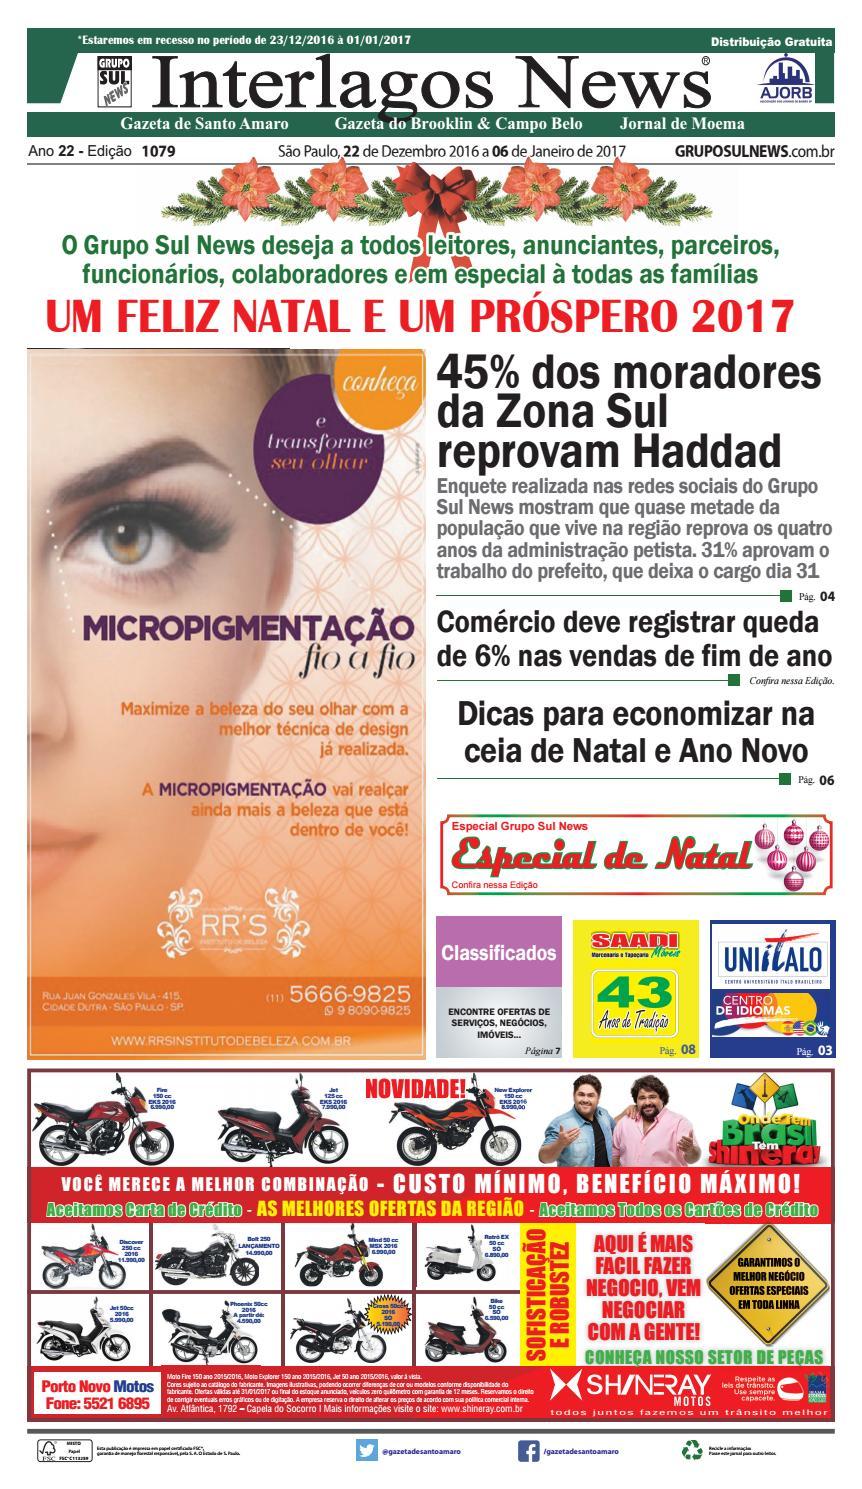 Edição - 1079 - 22 de Dezembro de 2016 a 06 de Janeiro de 2017 by Grupo Sul  News - issuu c509237e0ce85